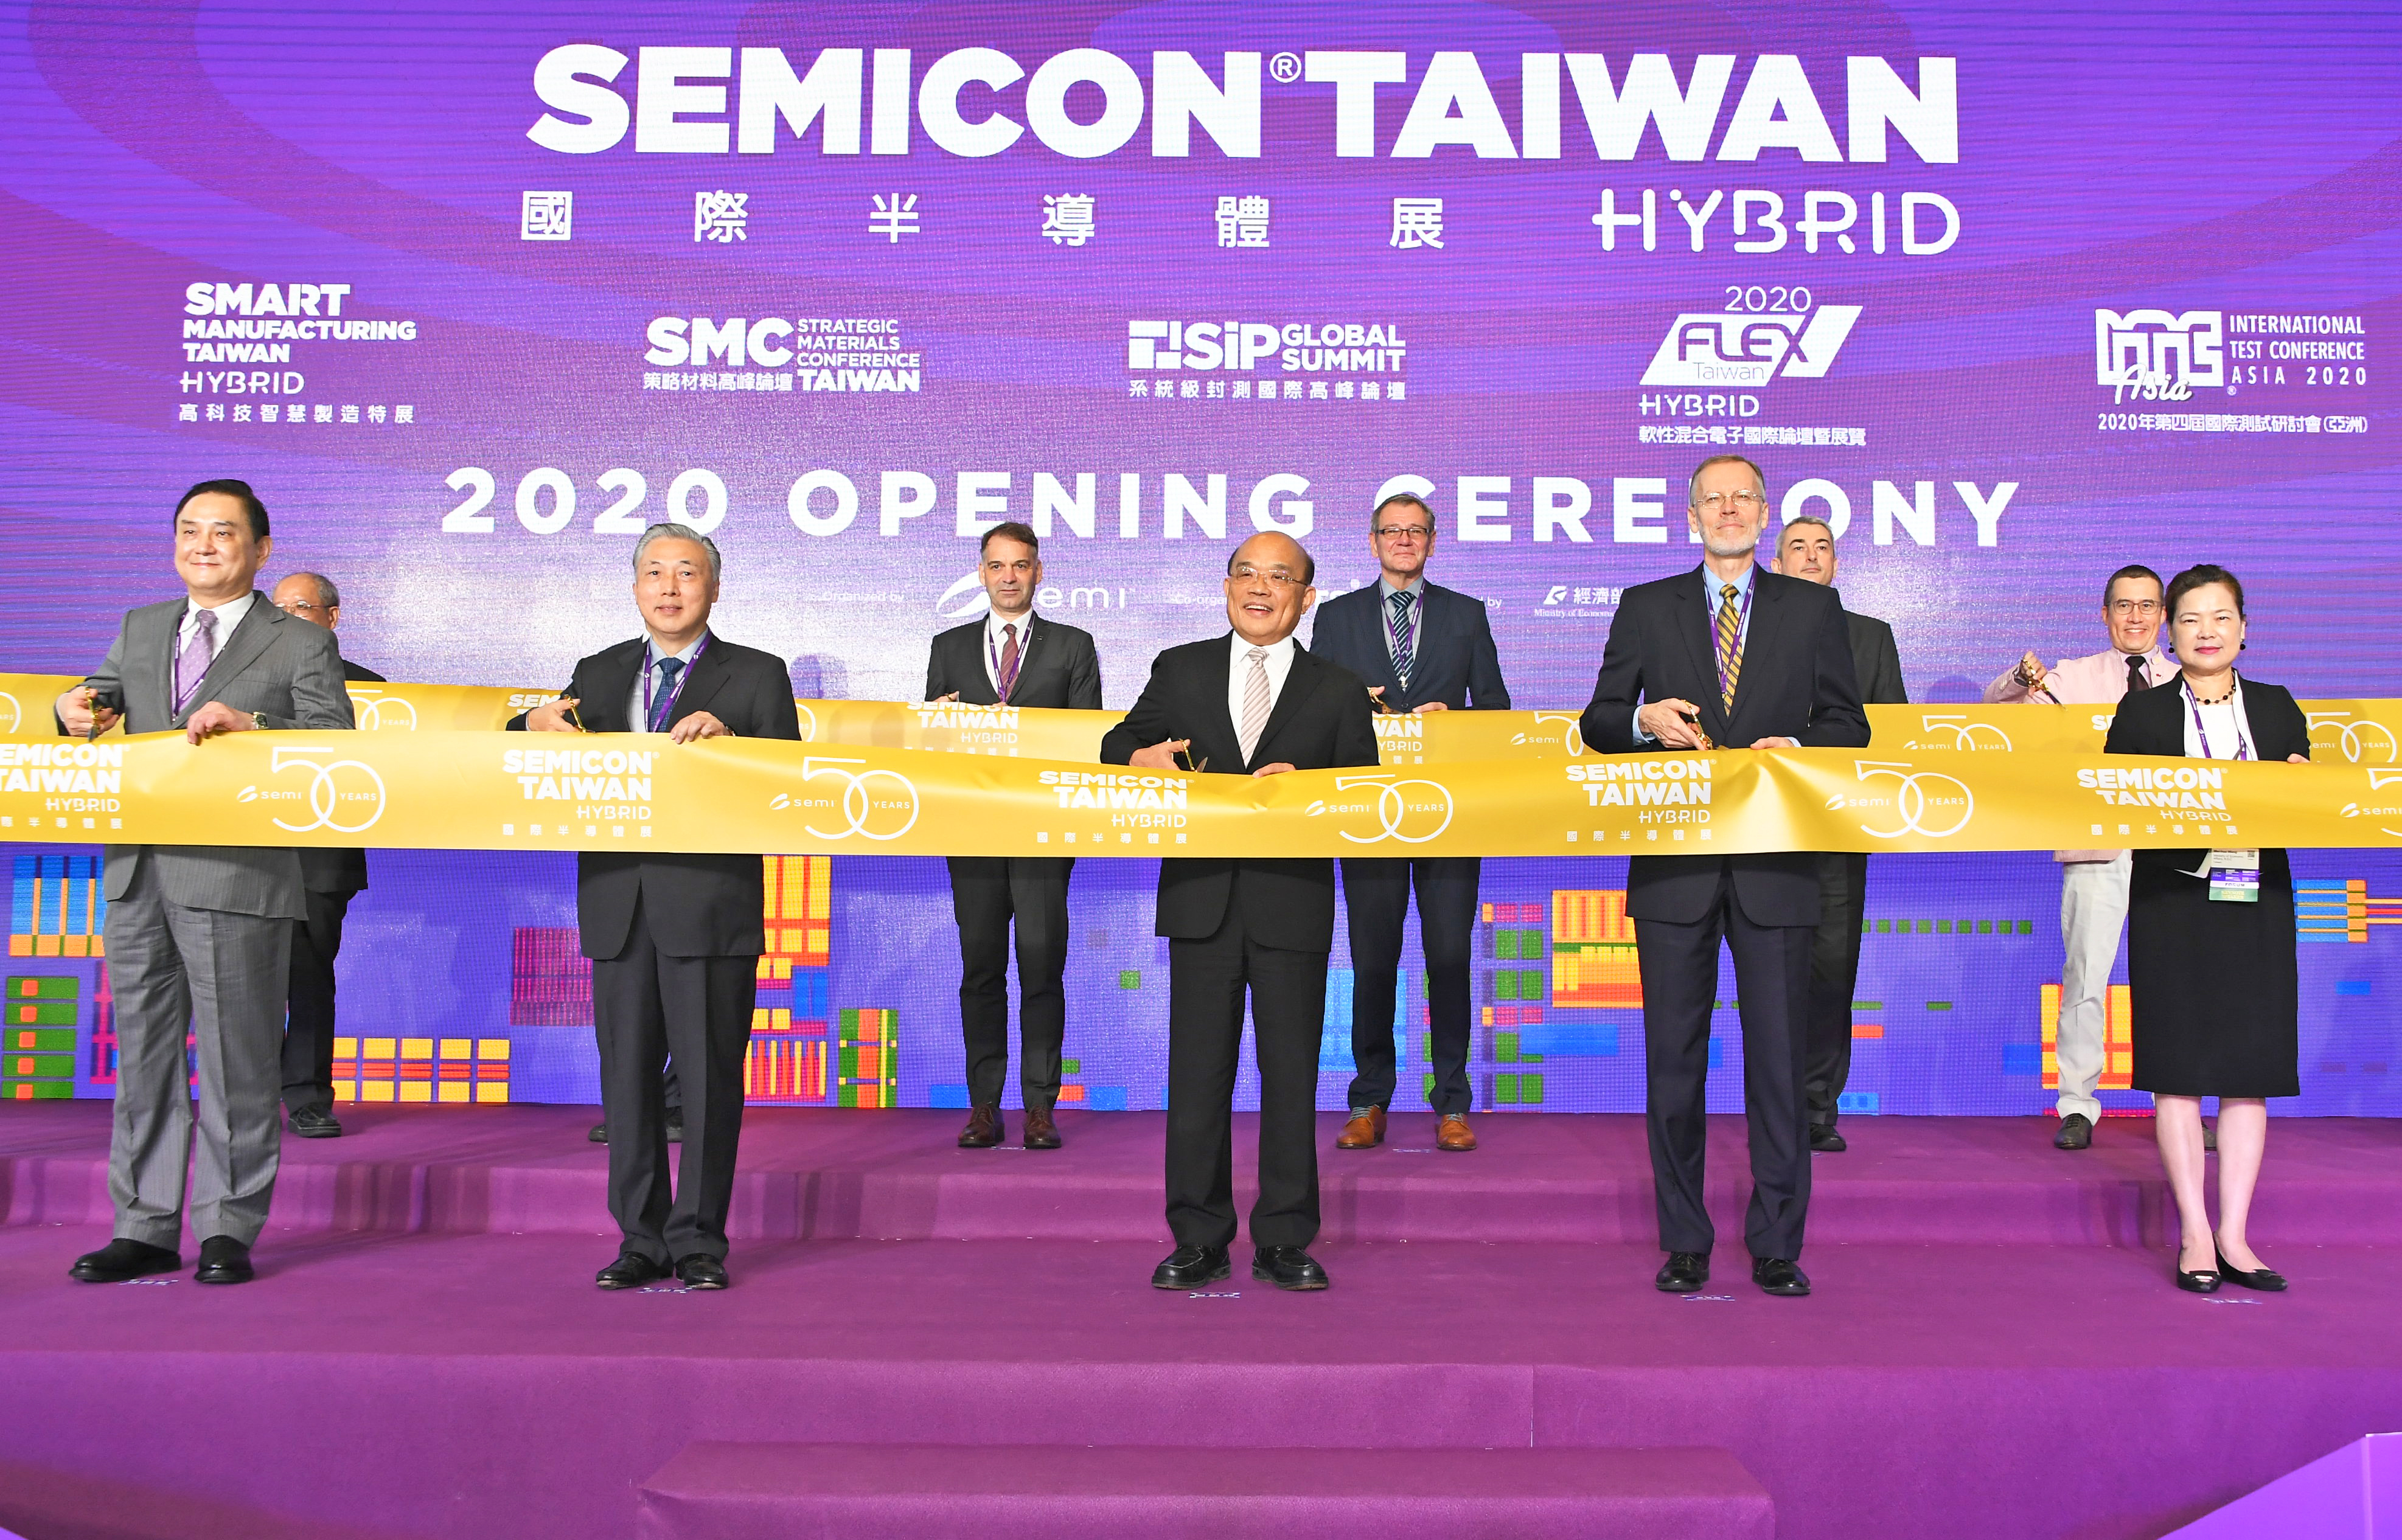 行政院長蘇貞昌出席SEMICON Taiwan 2020開幕典禮